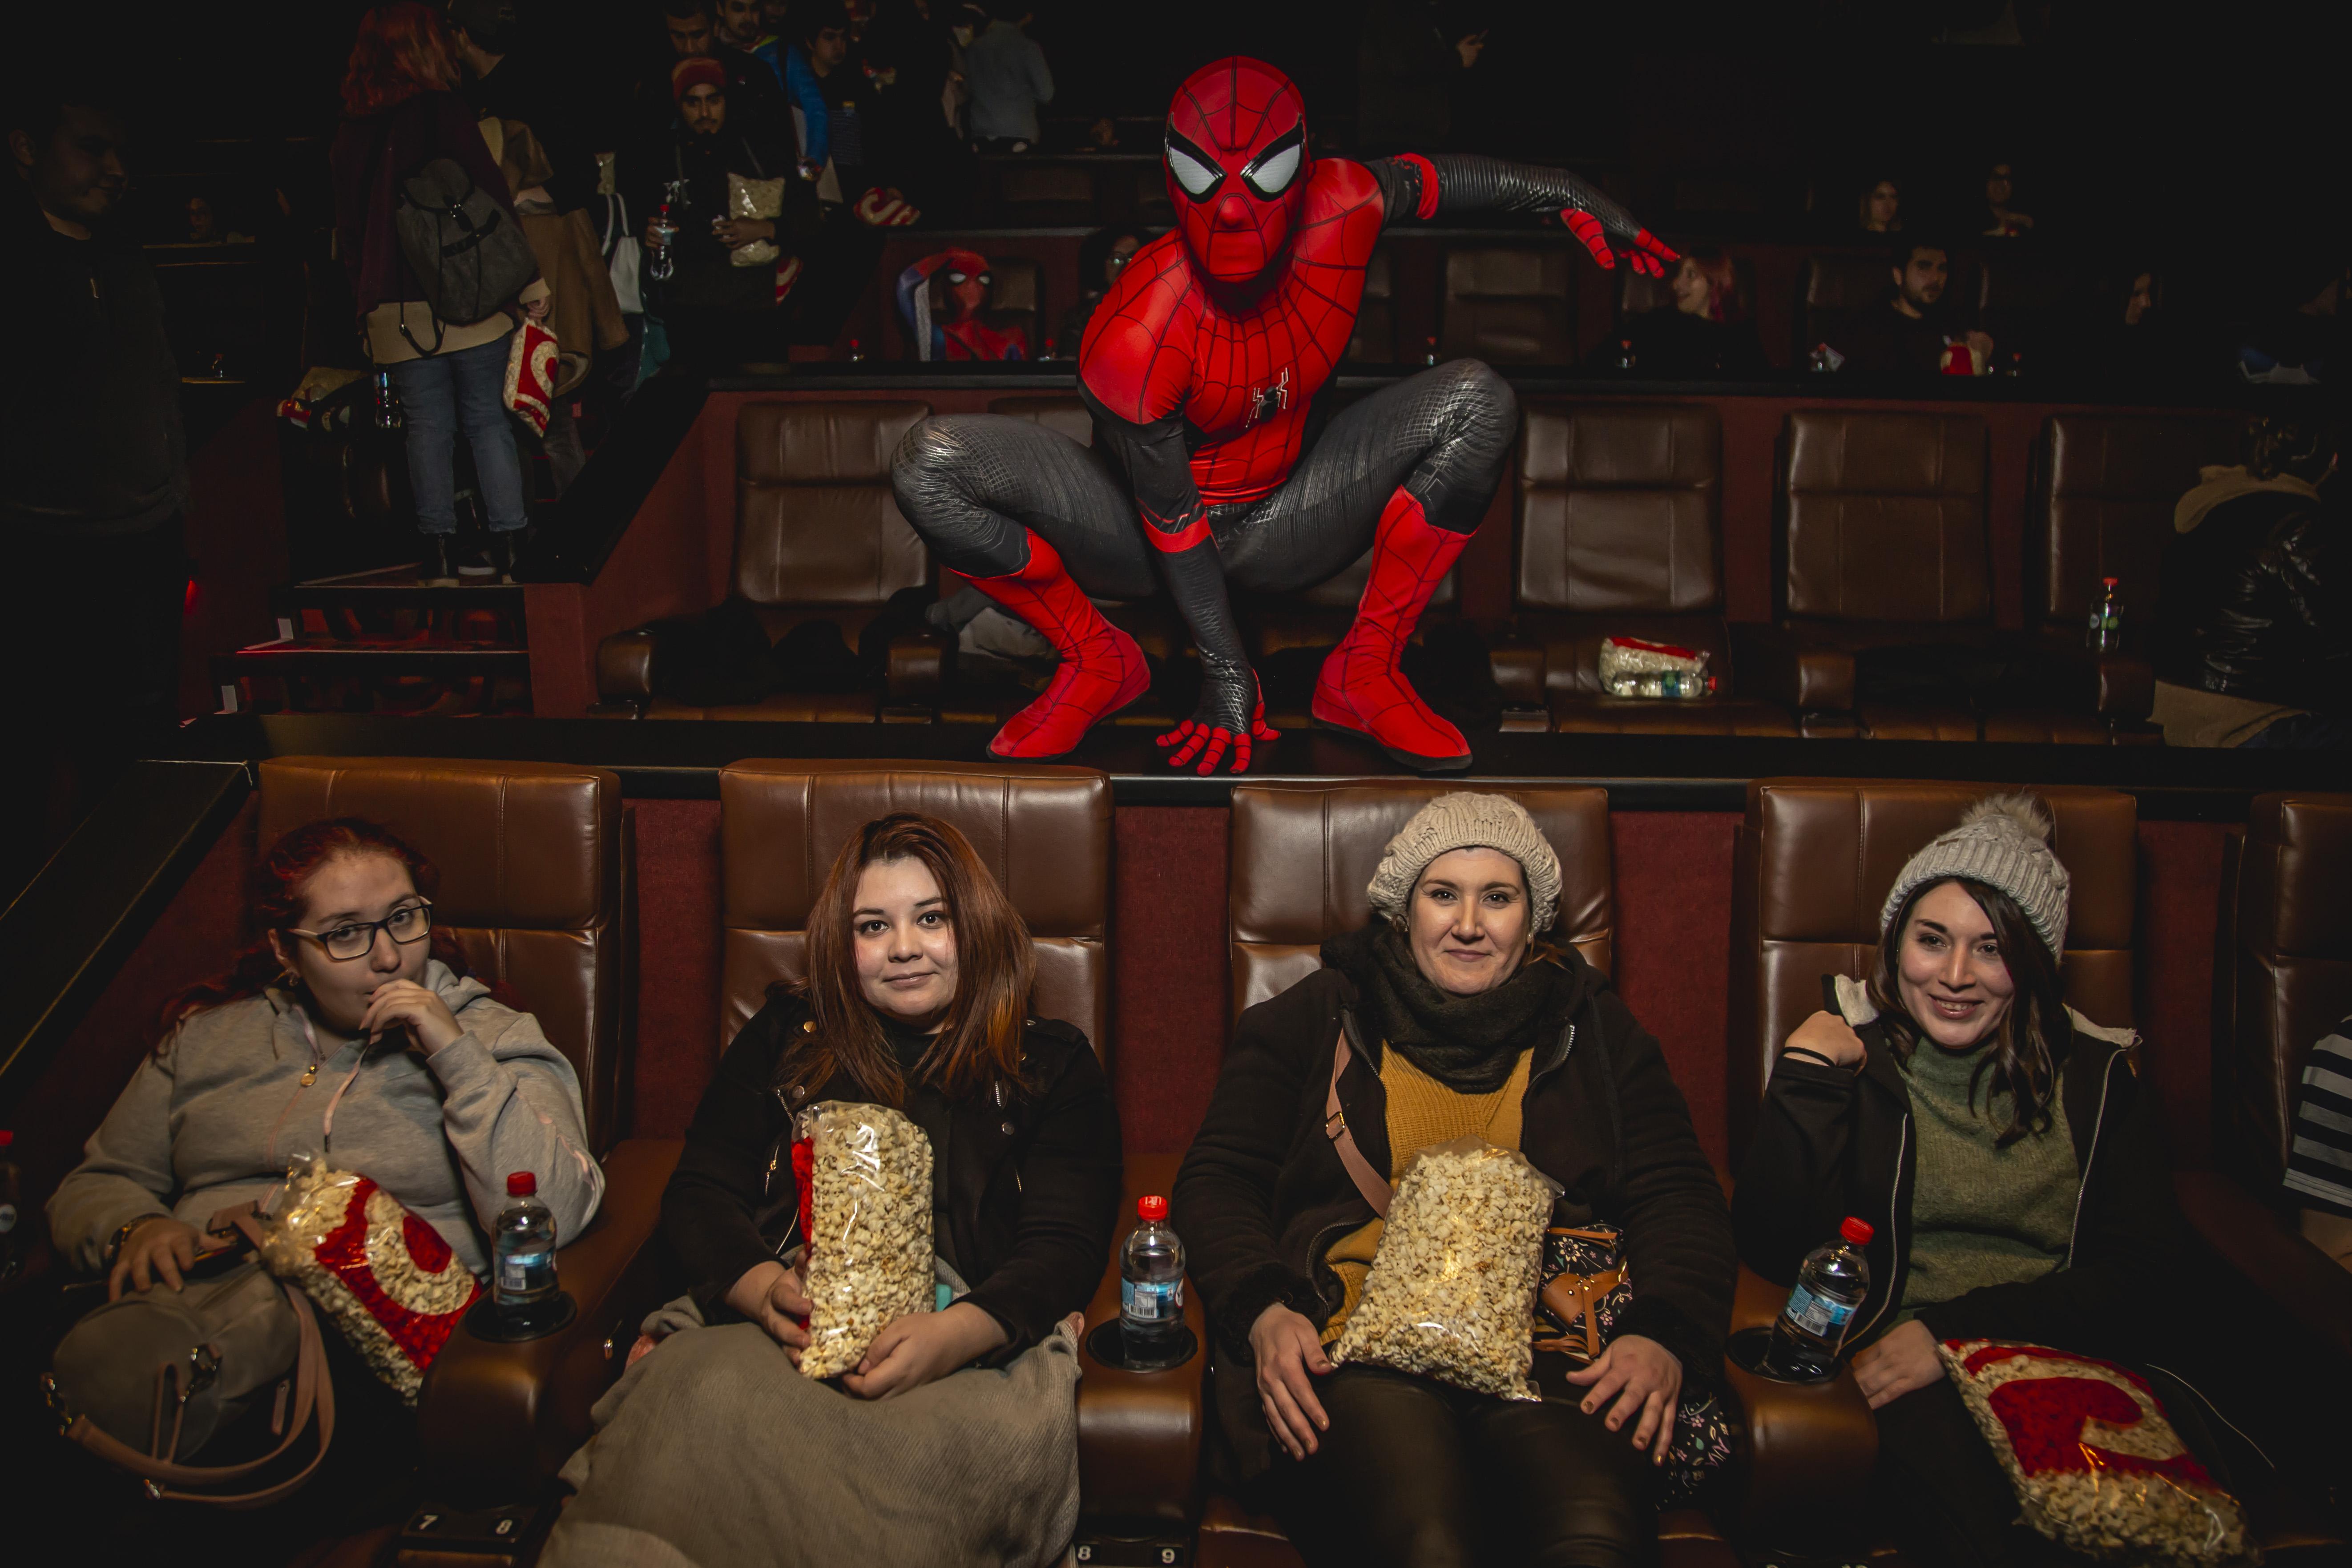 Spiderman Alto_101